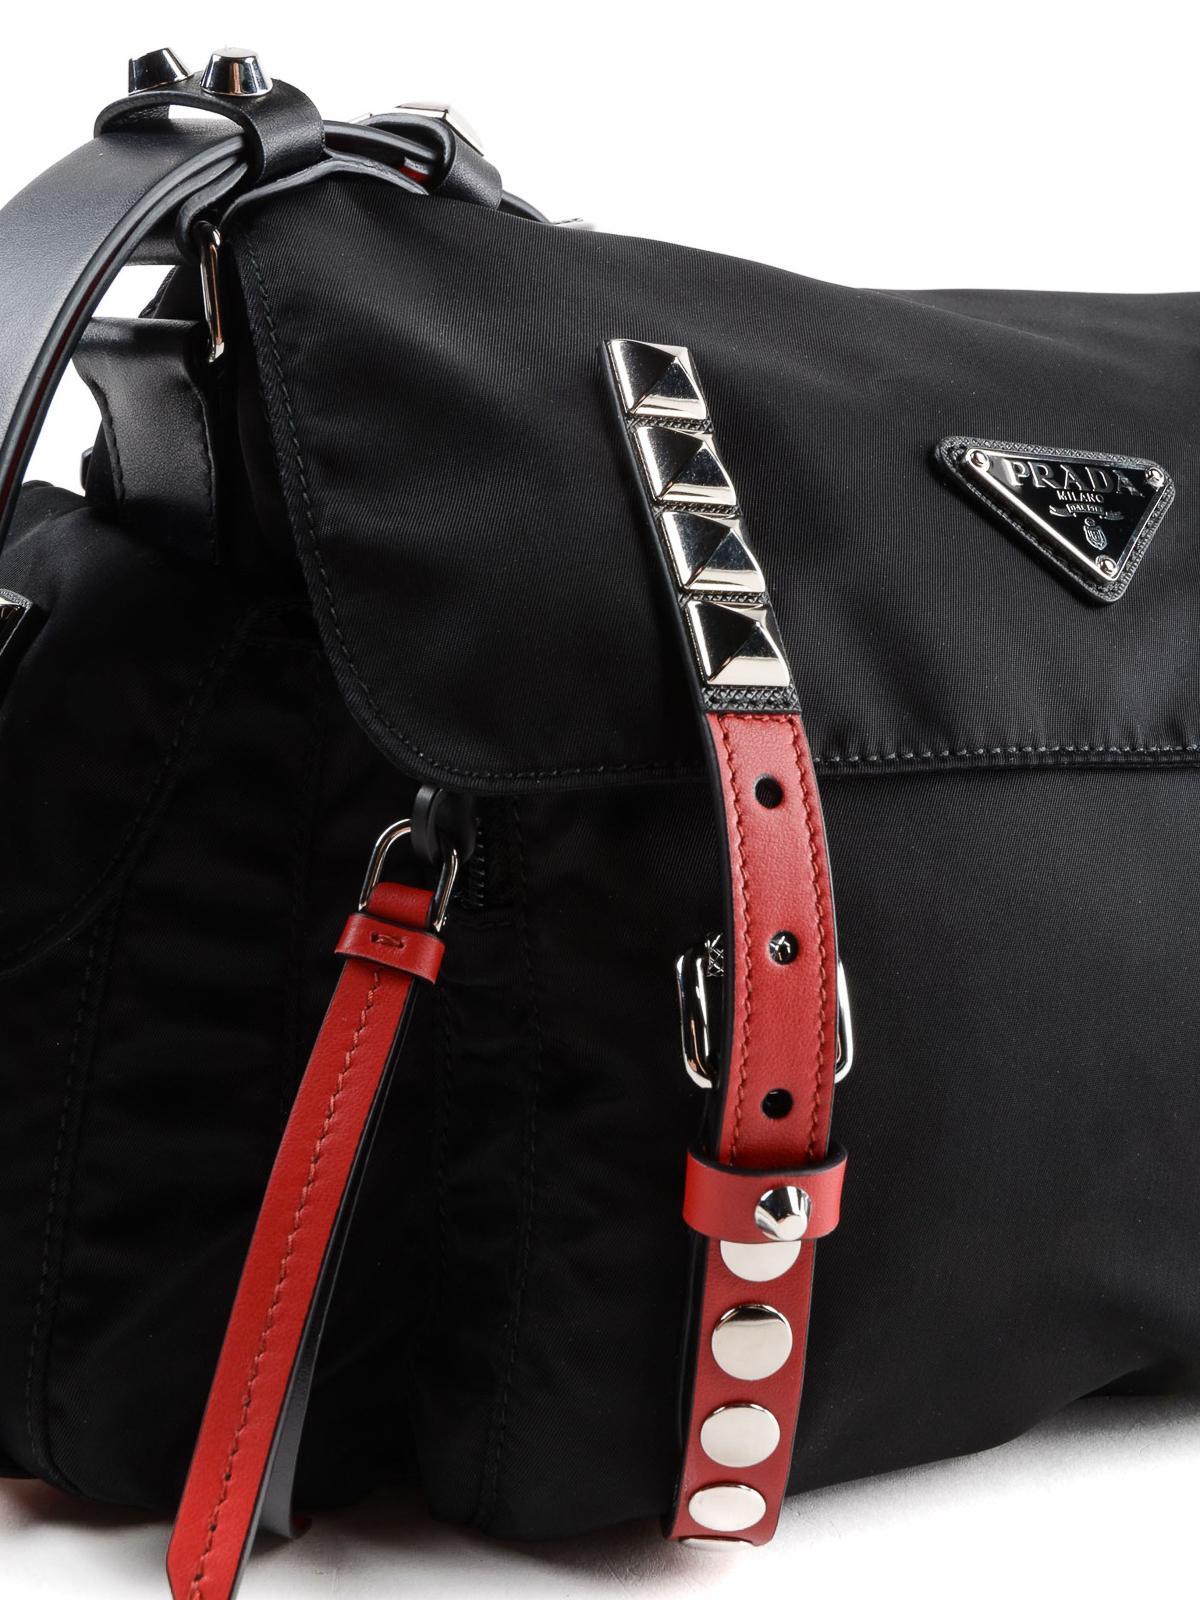 4828c23062d7 Prada - Red detailed studded nylon shoulder bag - shoulder bags ...